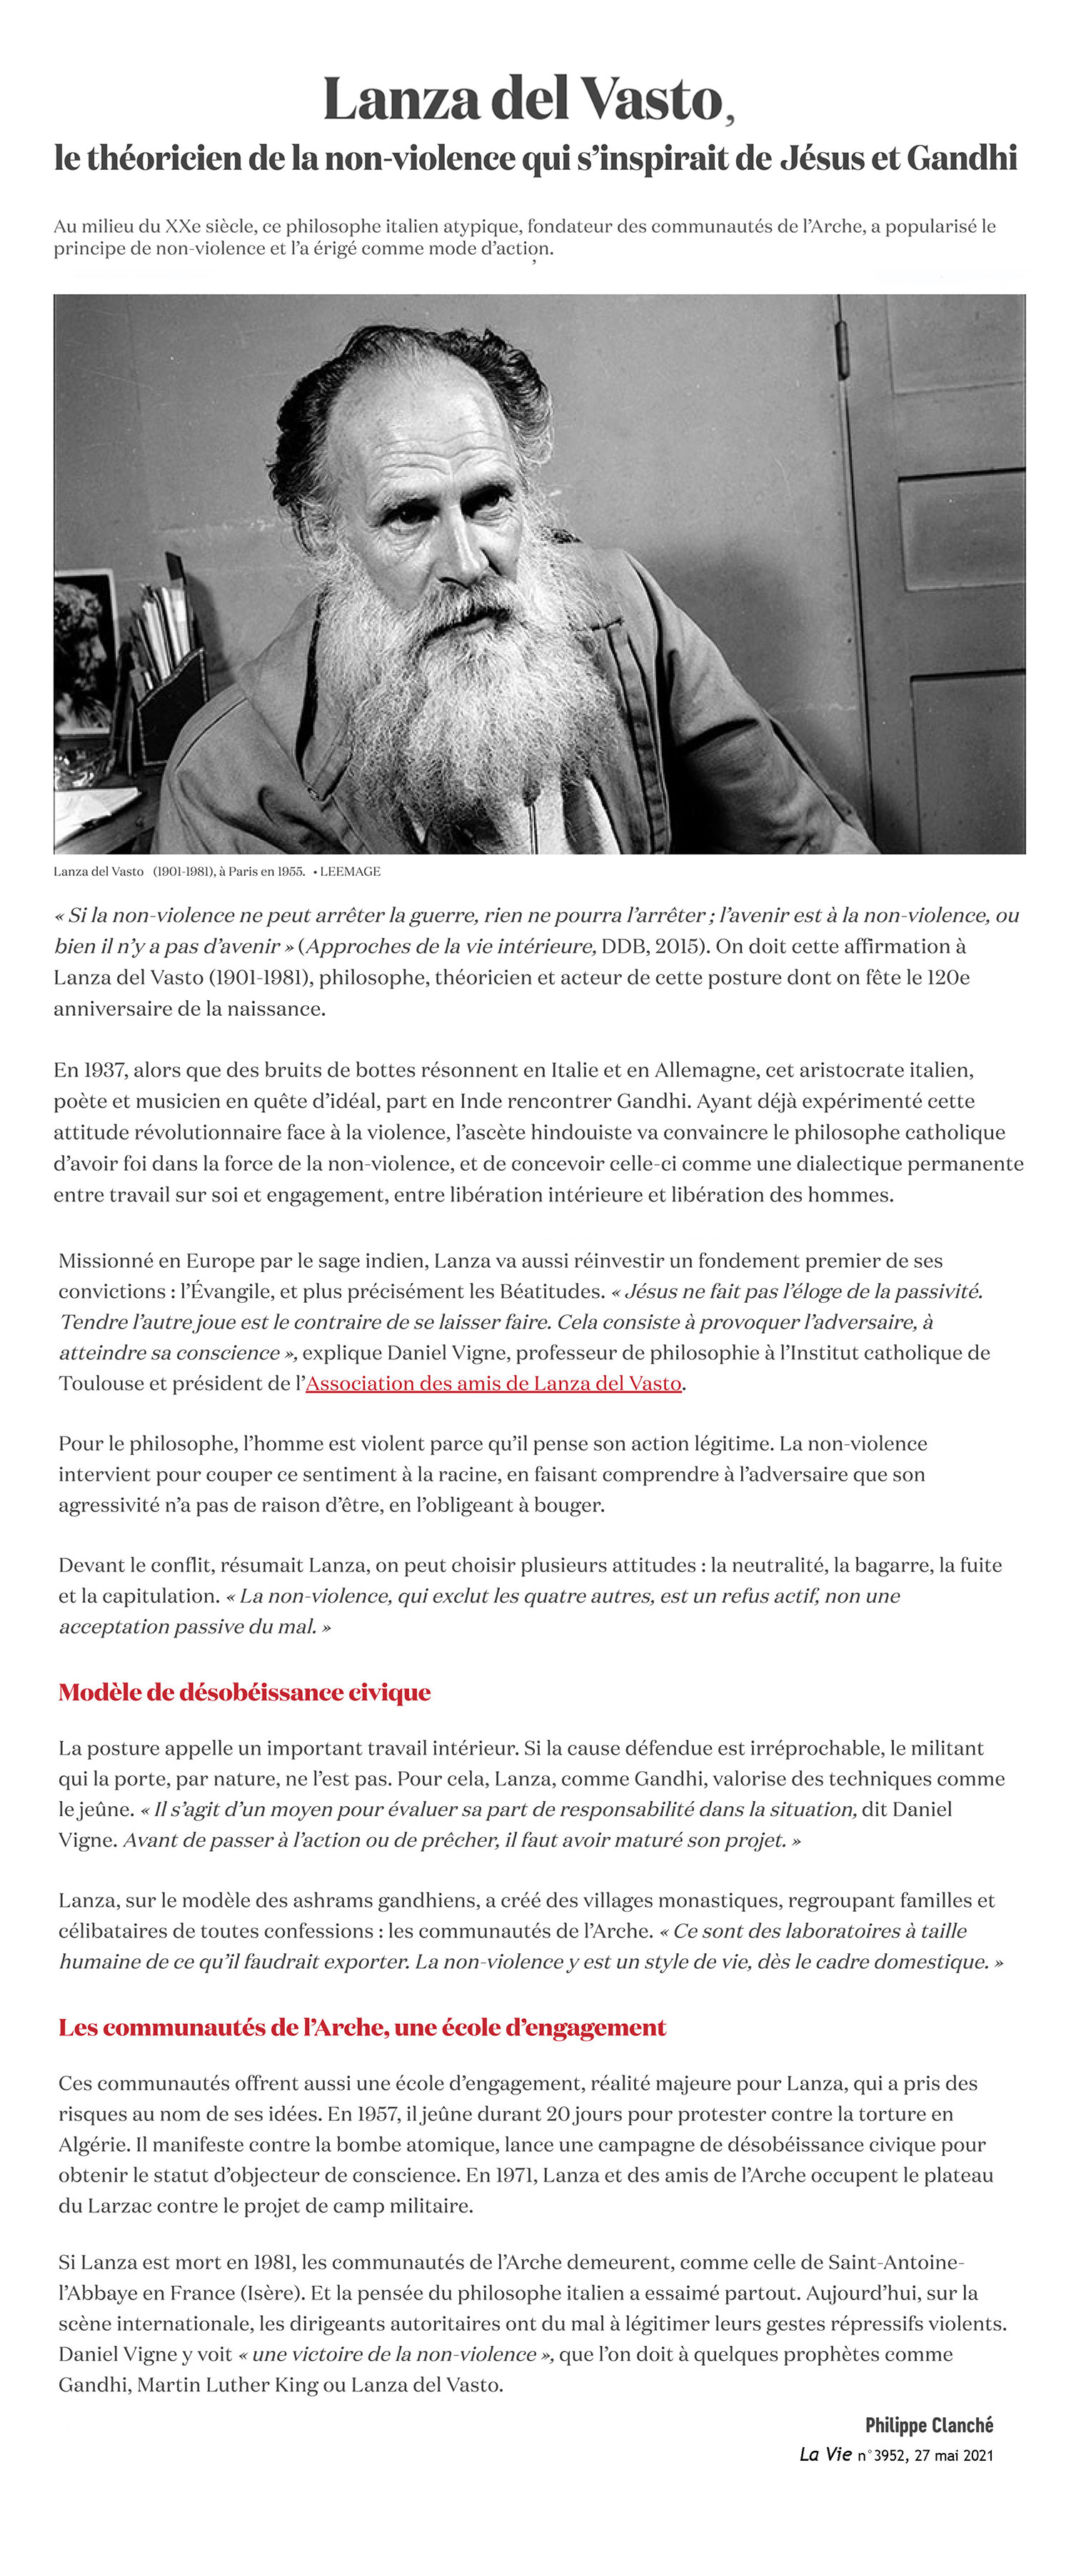 Lanza del Vasto à l'honneur dans le magazine La Vie - Mai 2021